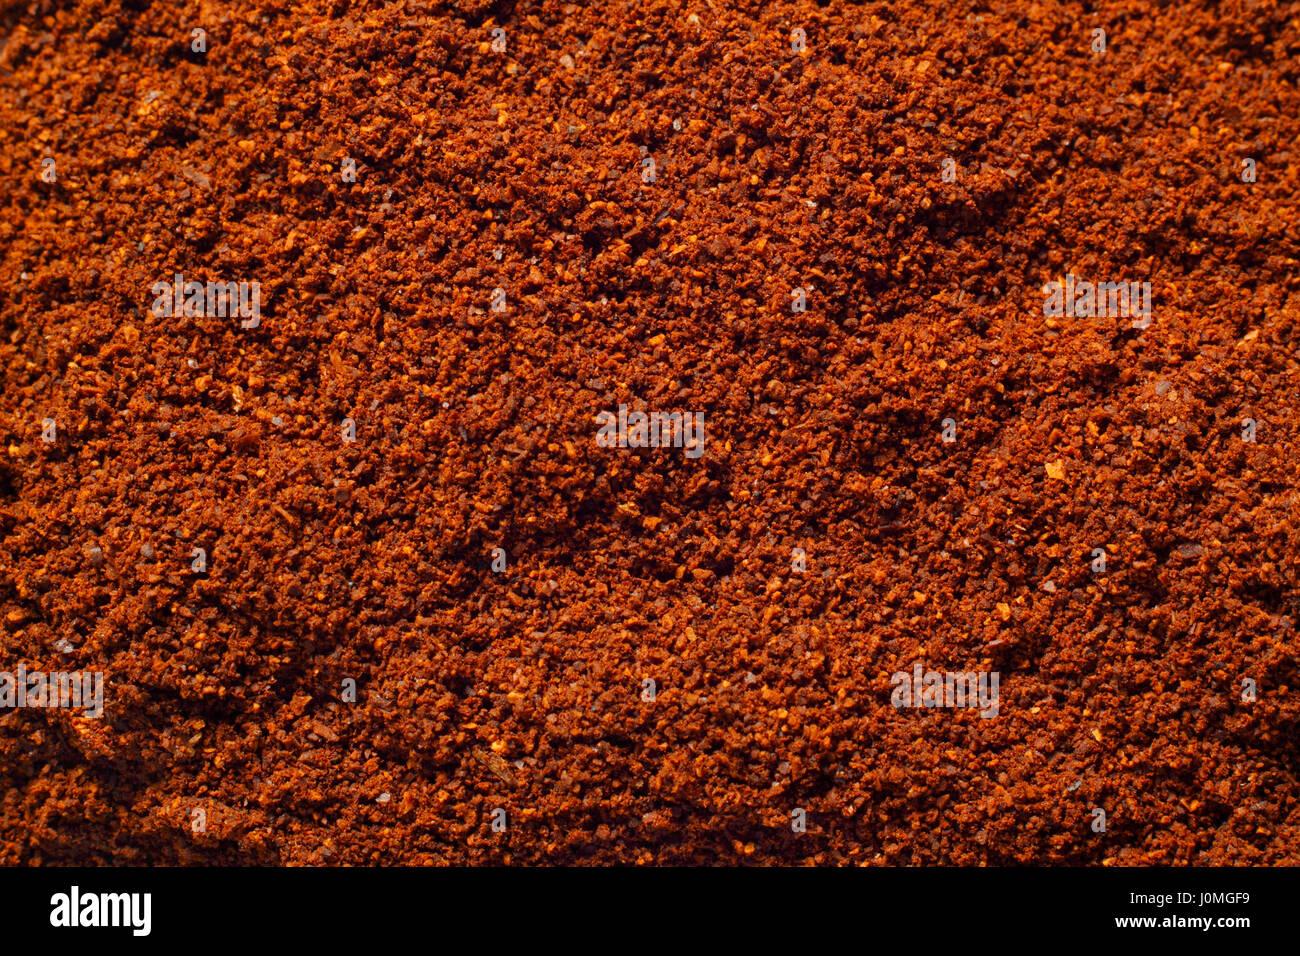 La texture du café close-up. Châssis complet, vue du dessus. Photo Stock